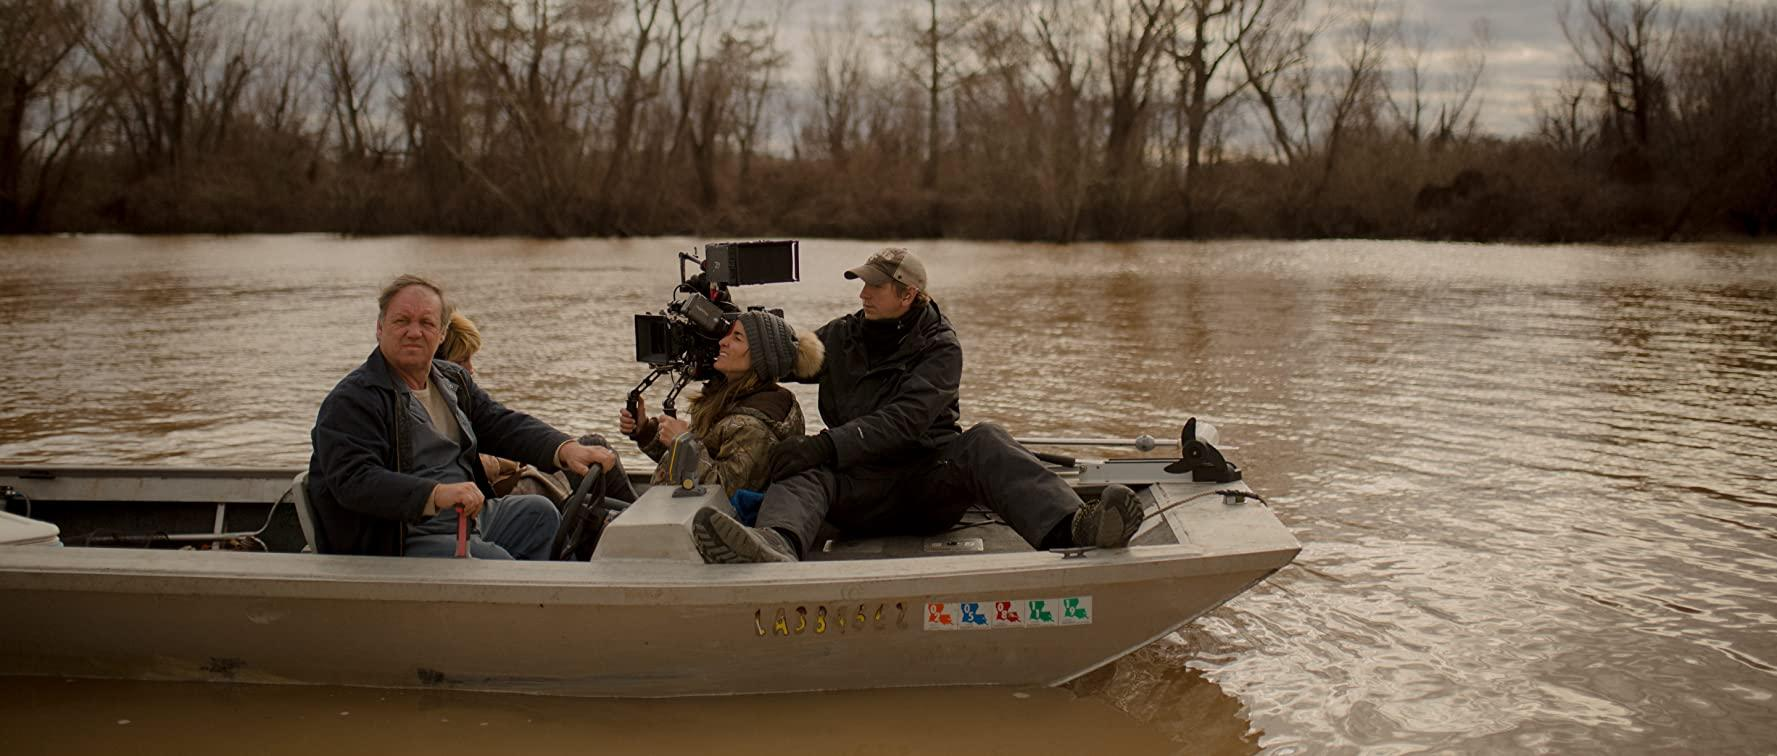 مشاهدة فيلم Lost Bayou (2020) مترجم HD اون لاين